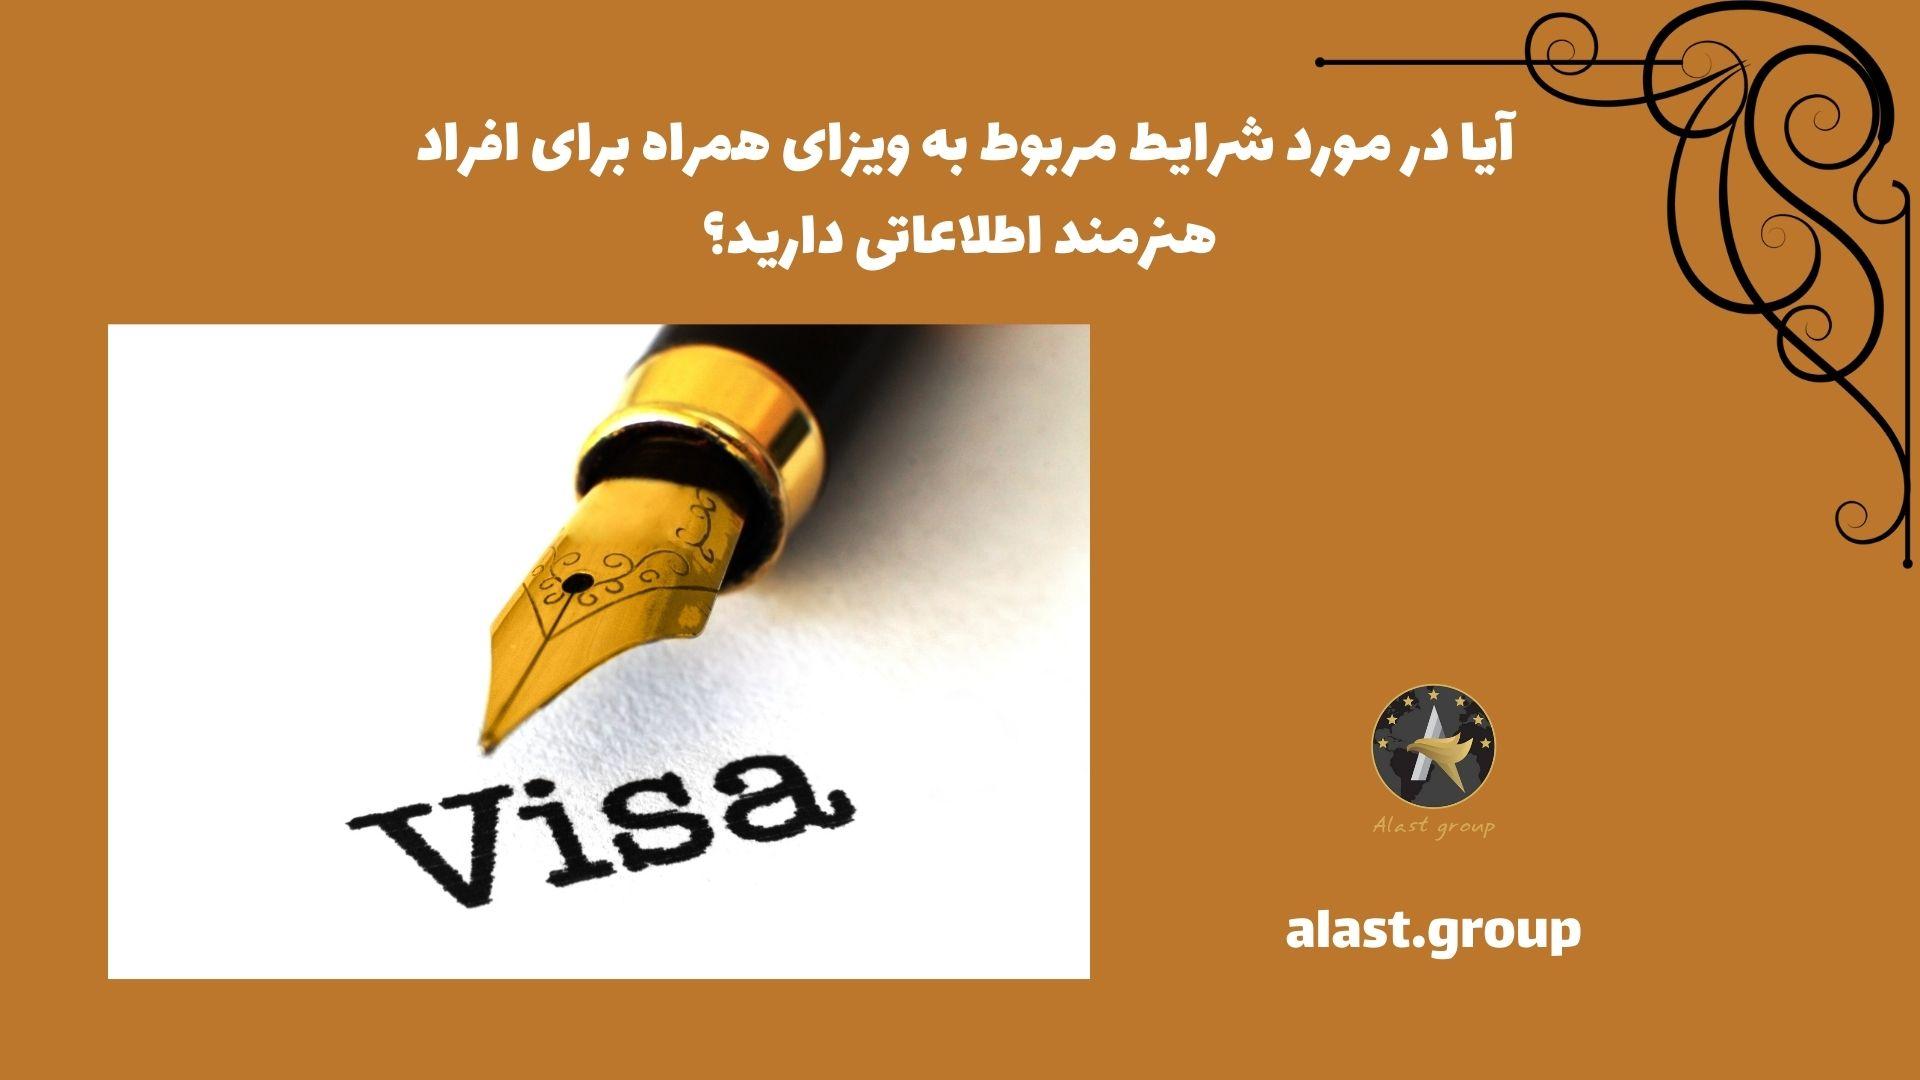 آیا در مورد شرایط مربوط به ویزای همراه برای افراد هنرمند اطلاعاتی دارید؟